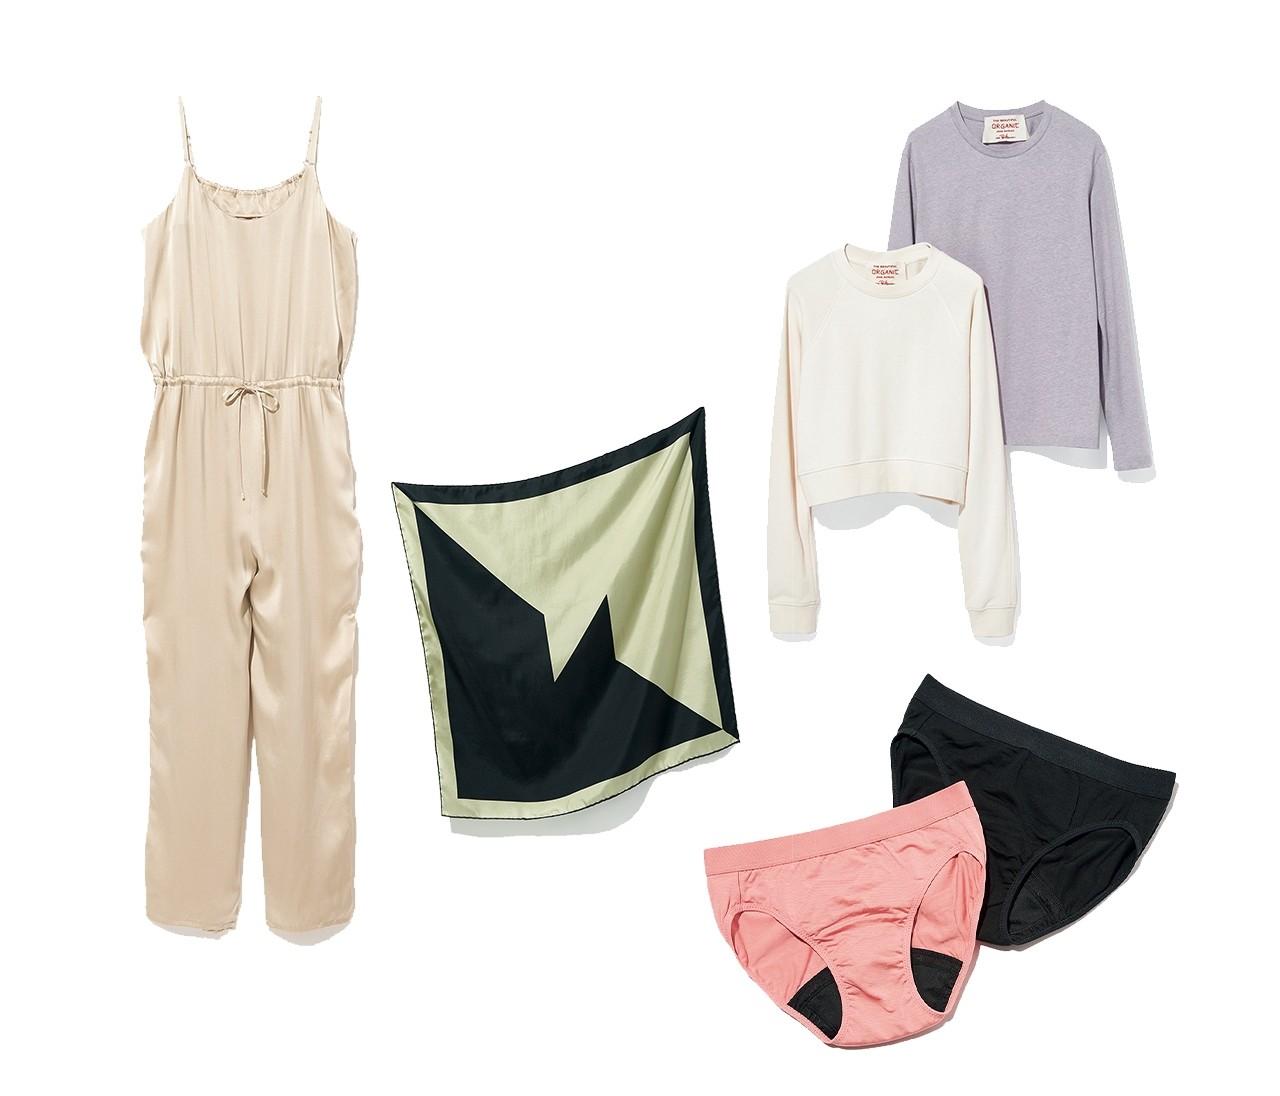 ロンハーマンの新プロジェクト「ザ ビューティフル」etc.話題のファッションアイテム4選!【今月のおしゃれニュース】